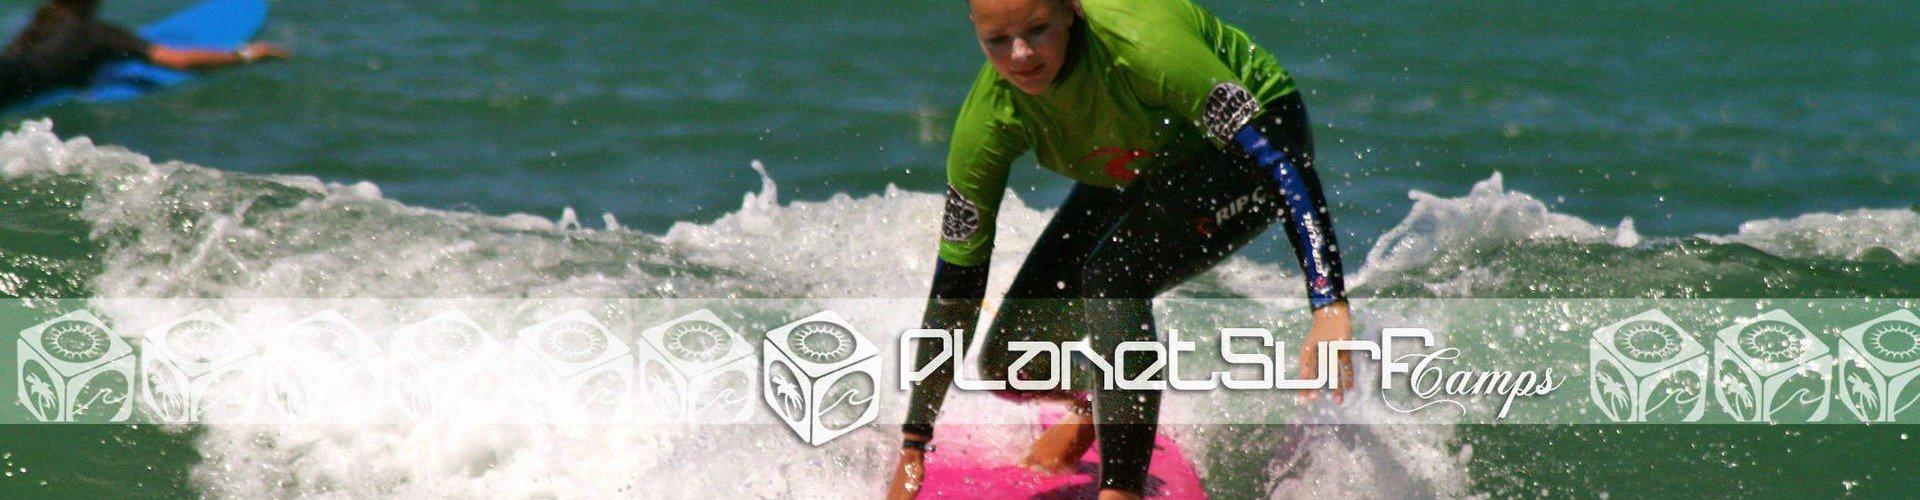 Lernen Sie schnell und sicher zu surfen